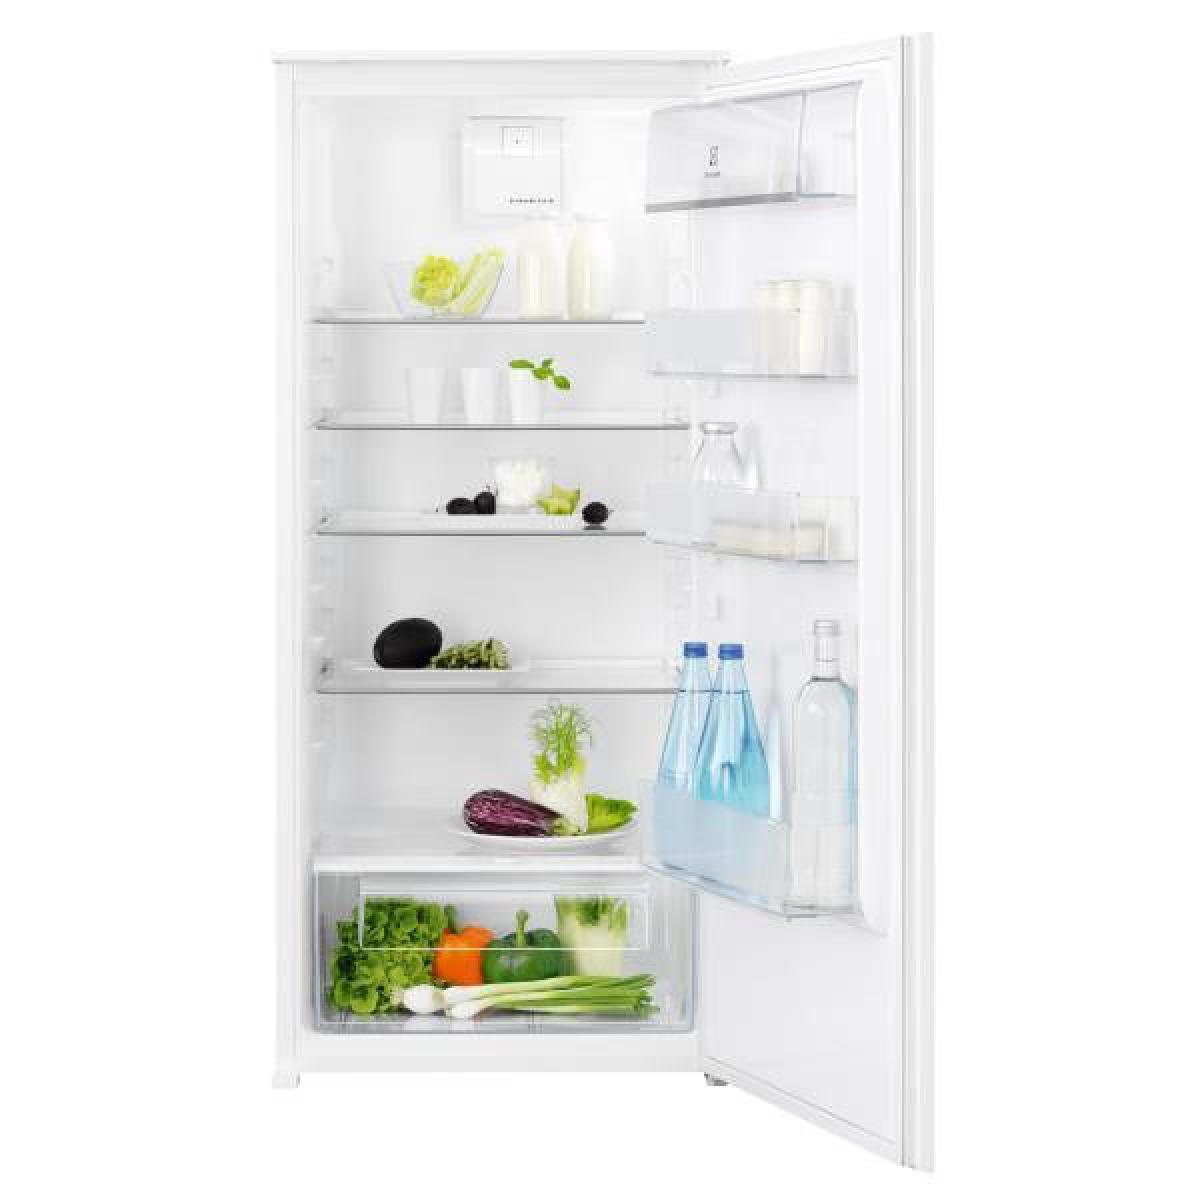 Electrolux Réfrigérateur 1 porte 207L Froid Brassé ELECTROLUX 56cm A+, ERB3DF12S